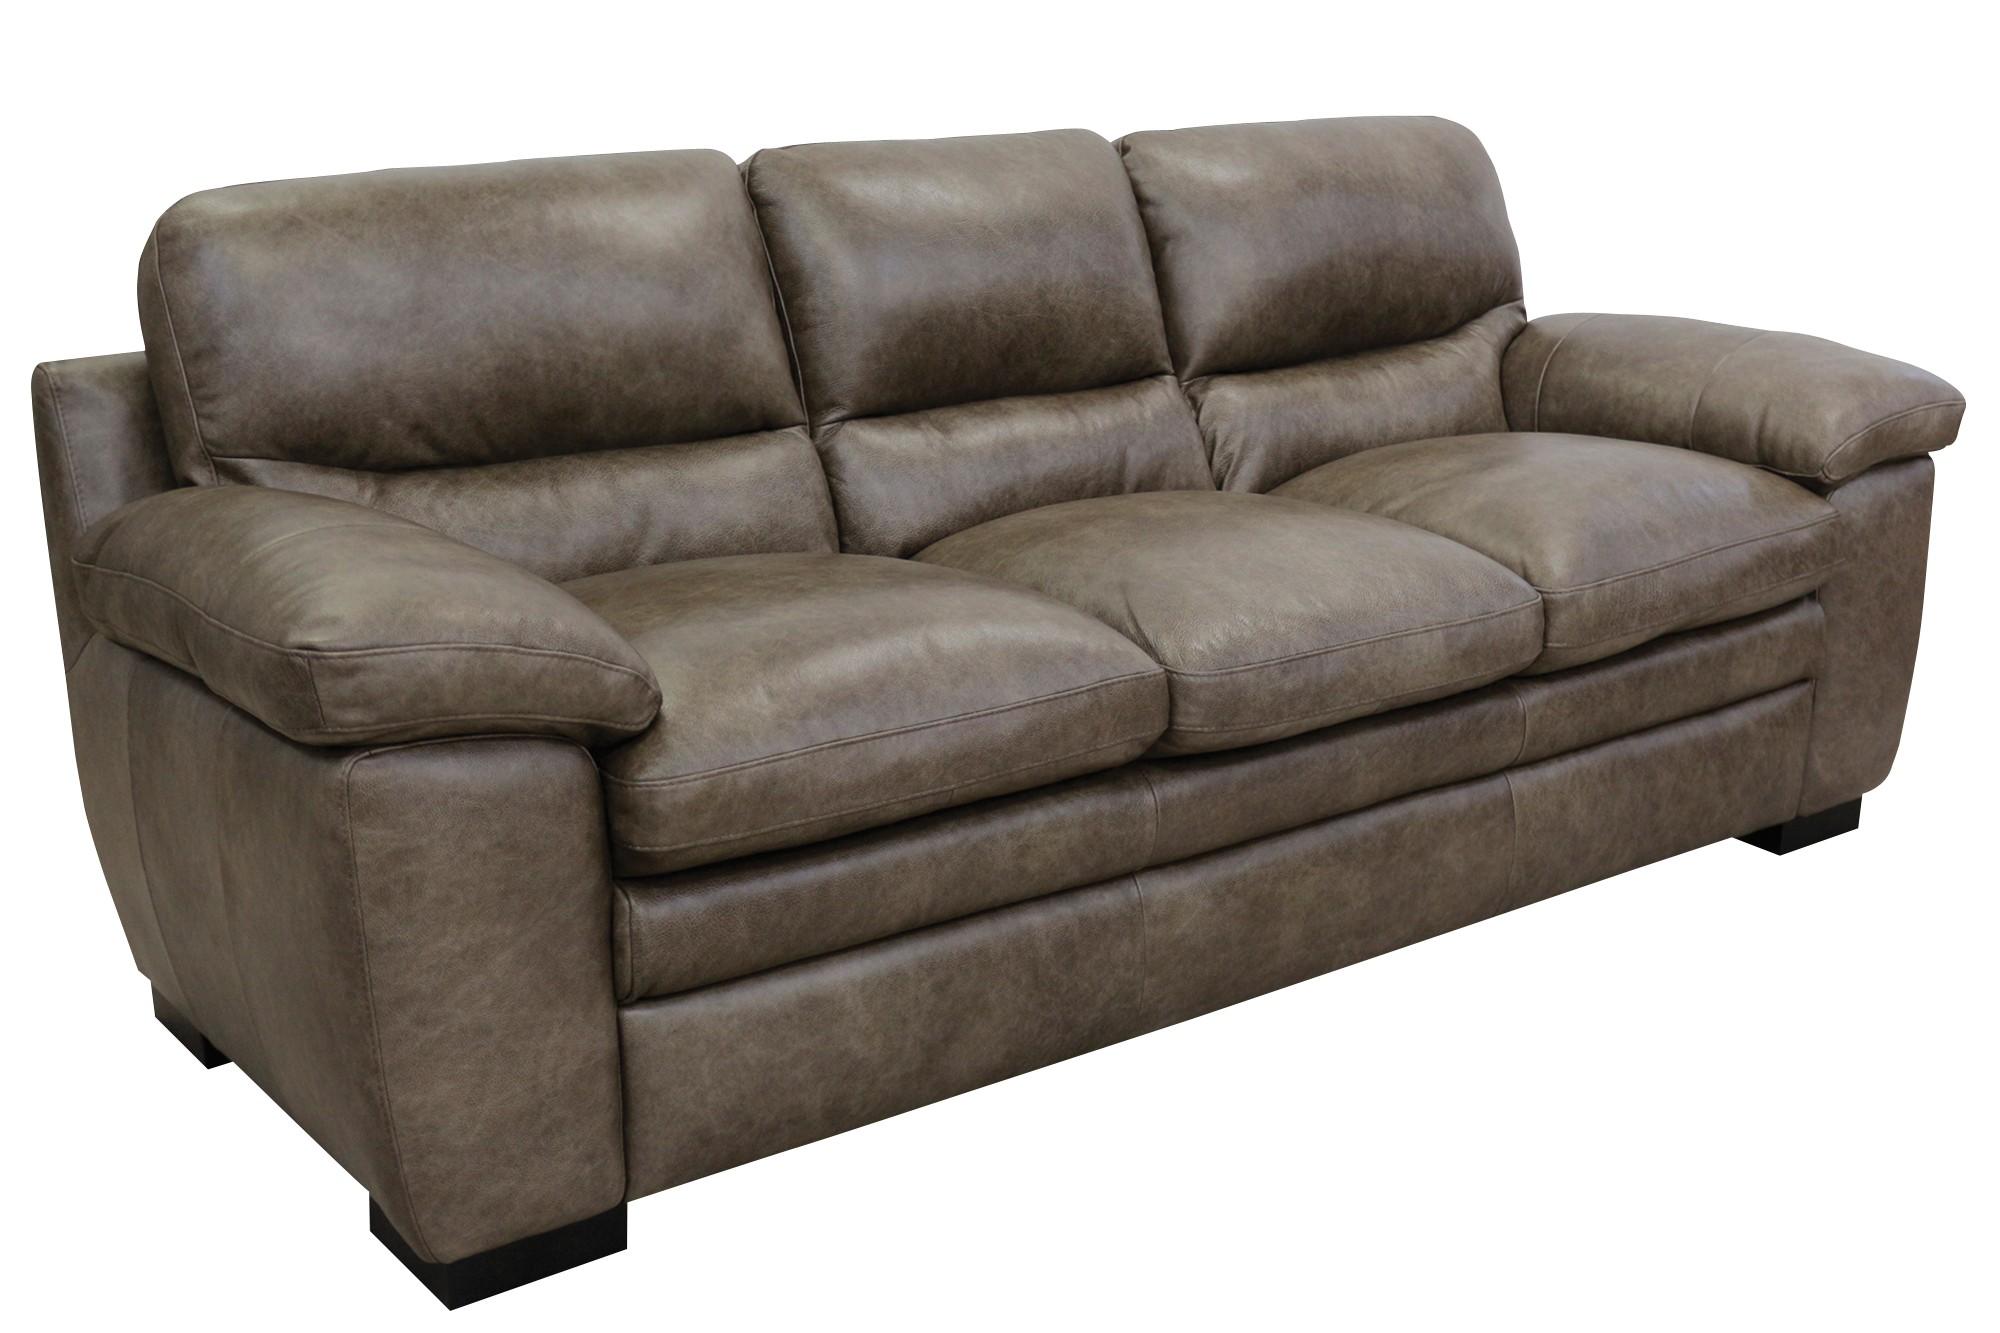 Tatum italian leather sofa from luke leather coleman for Italian leather sofa